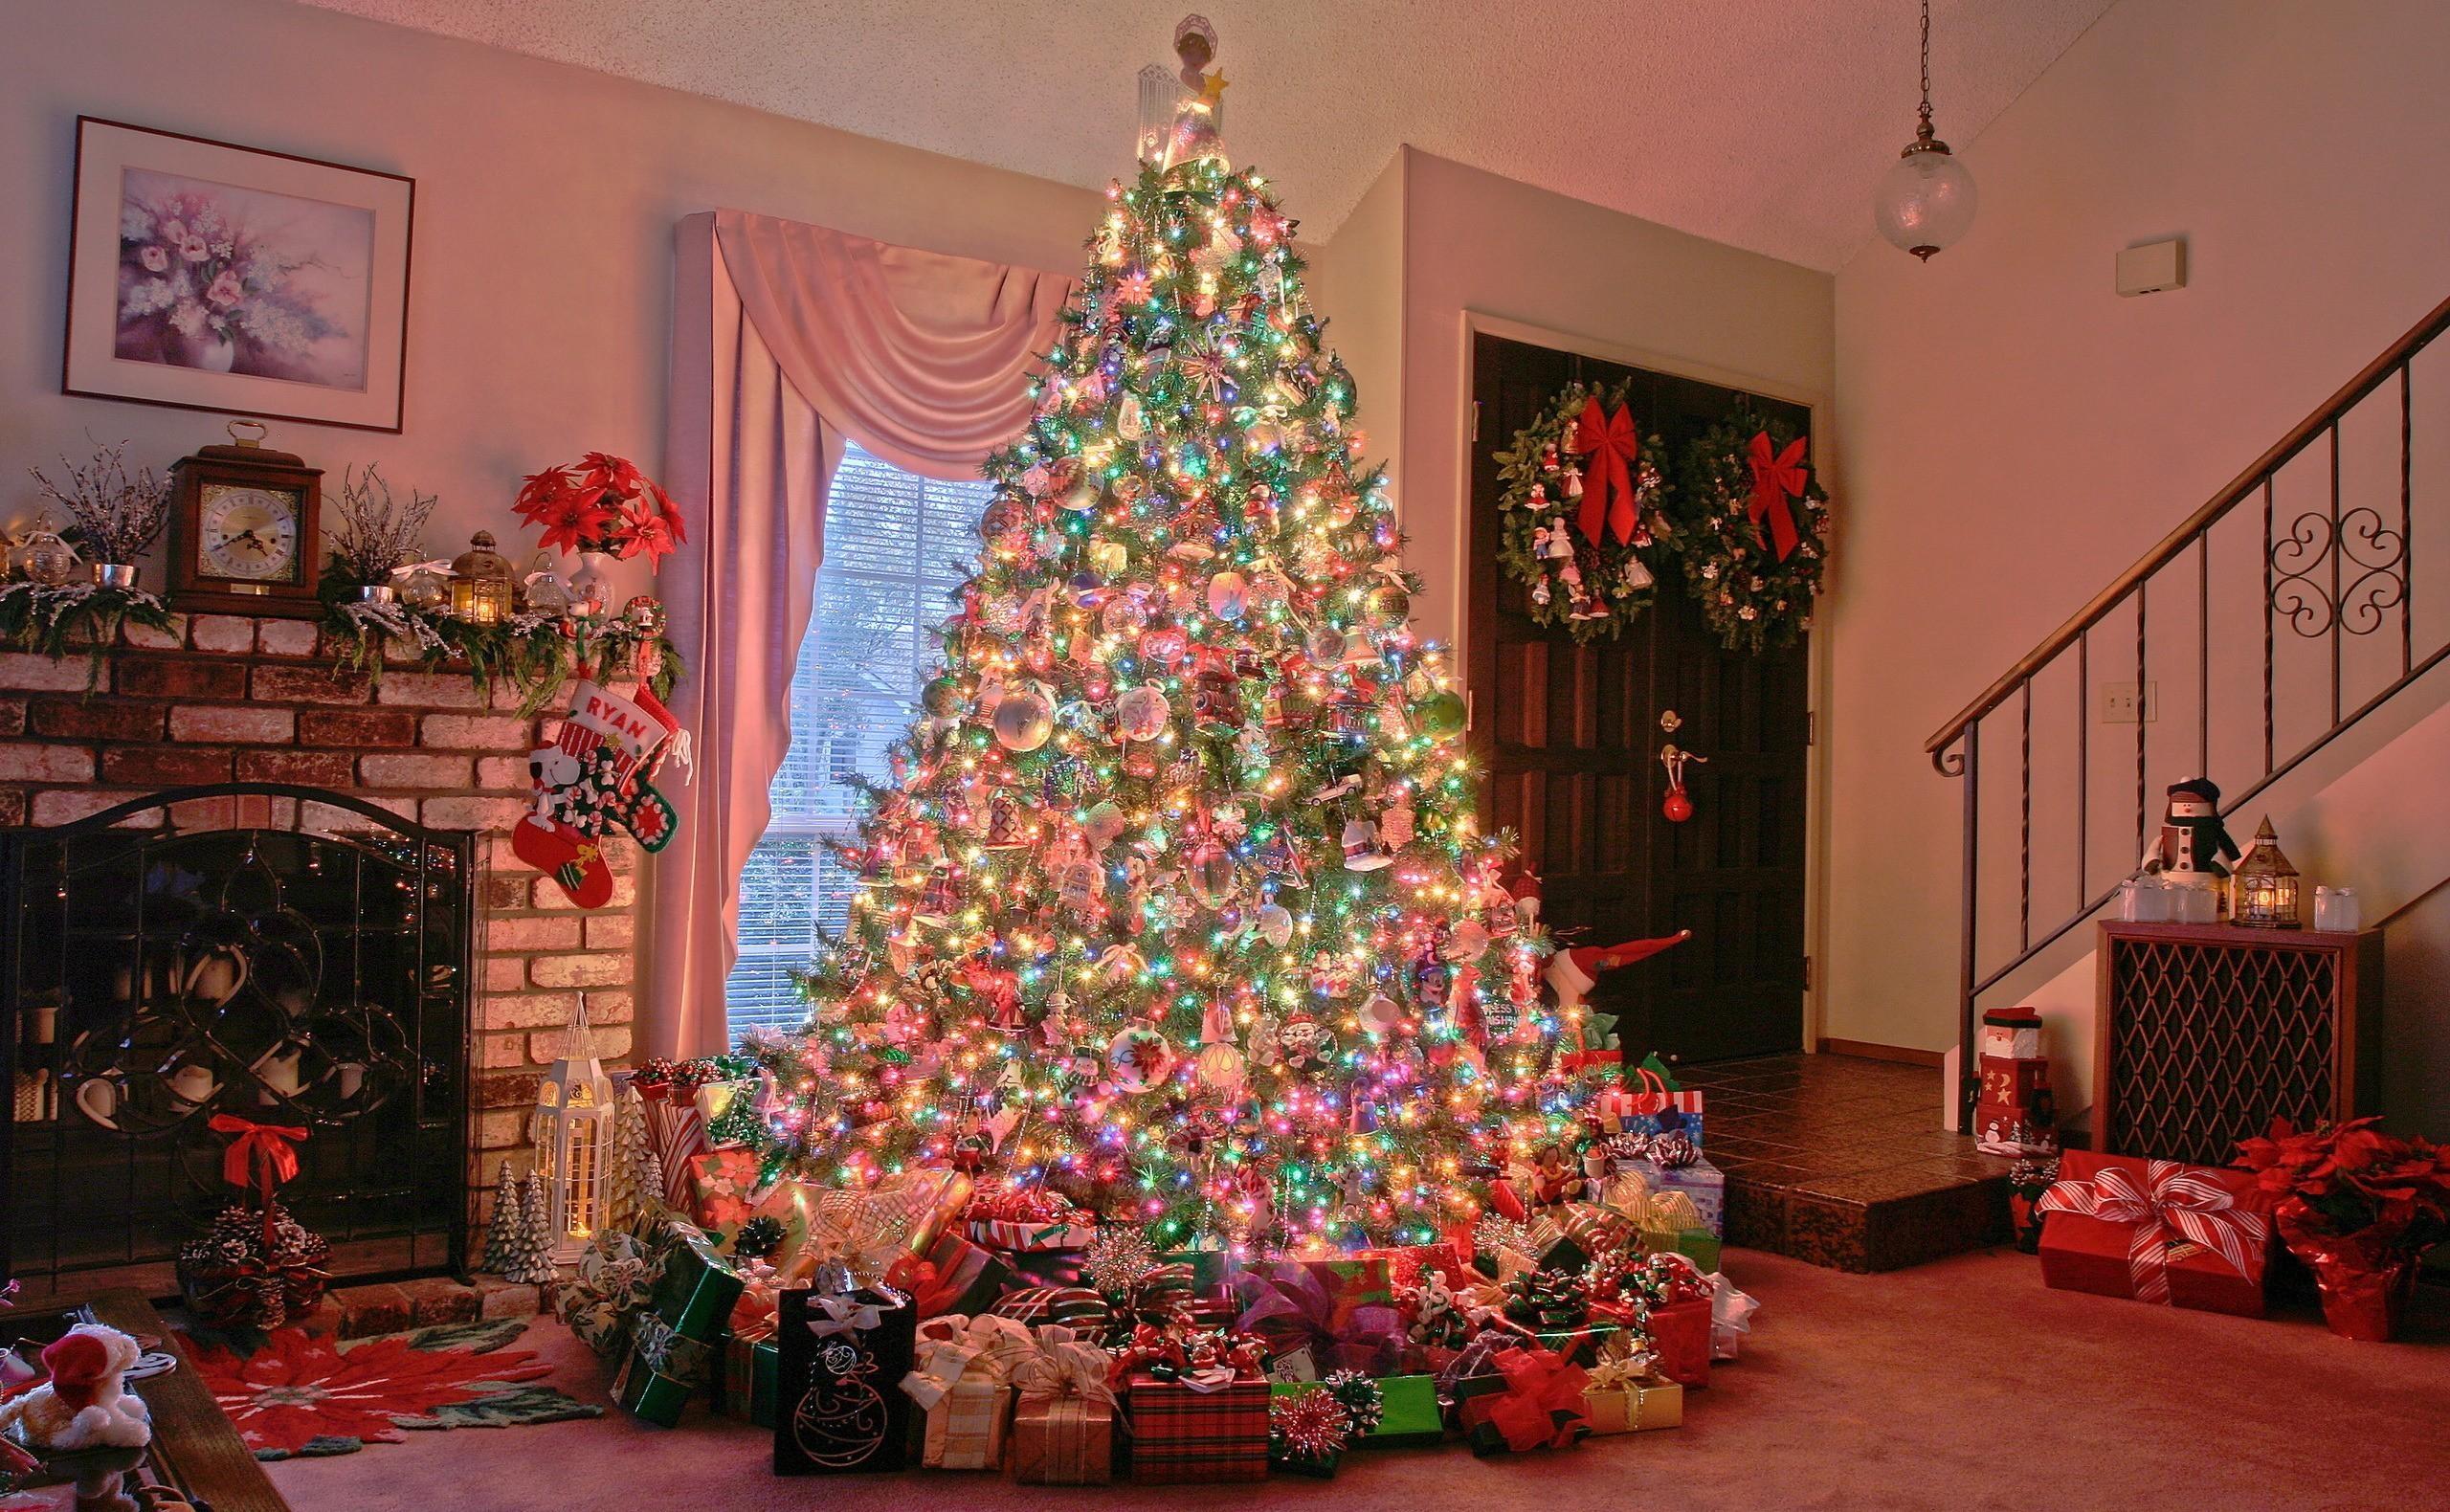 97686 Hintergrundbild herunterladen Feiertage, Weihnachten, Urlaub, Haus, Weihnachtsbaum, Kamin, Die Geschenke, Geschenke - Bildschirmschoner und Bilder kostenlos